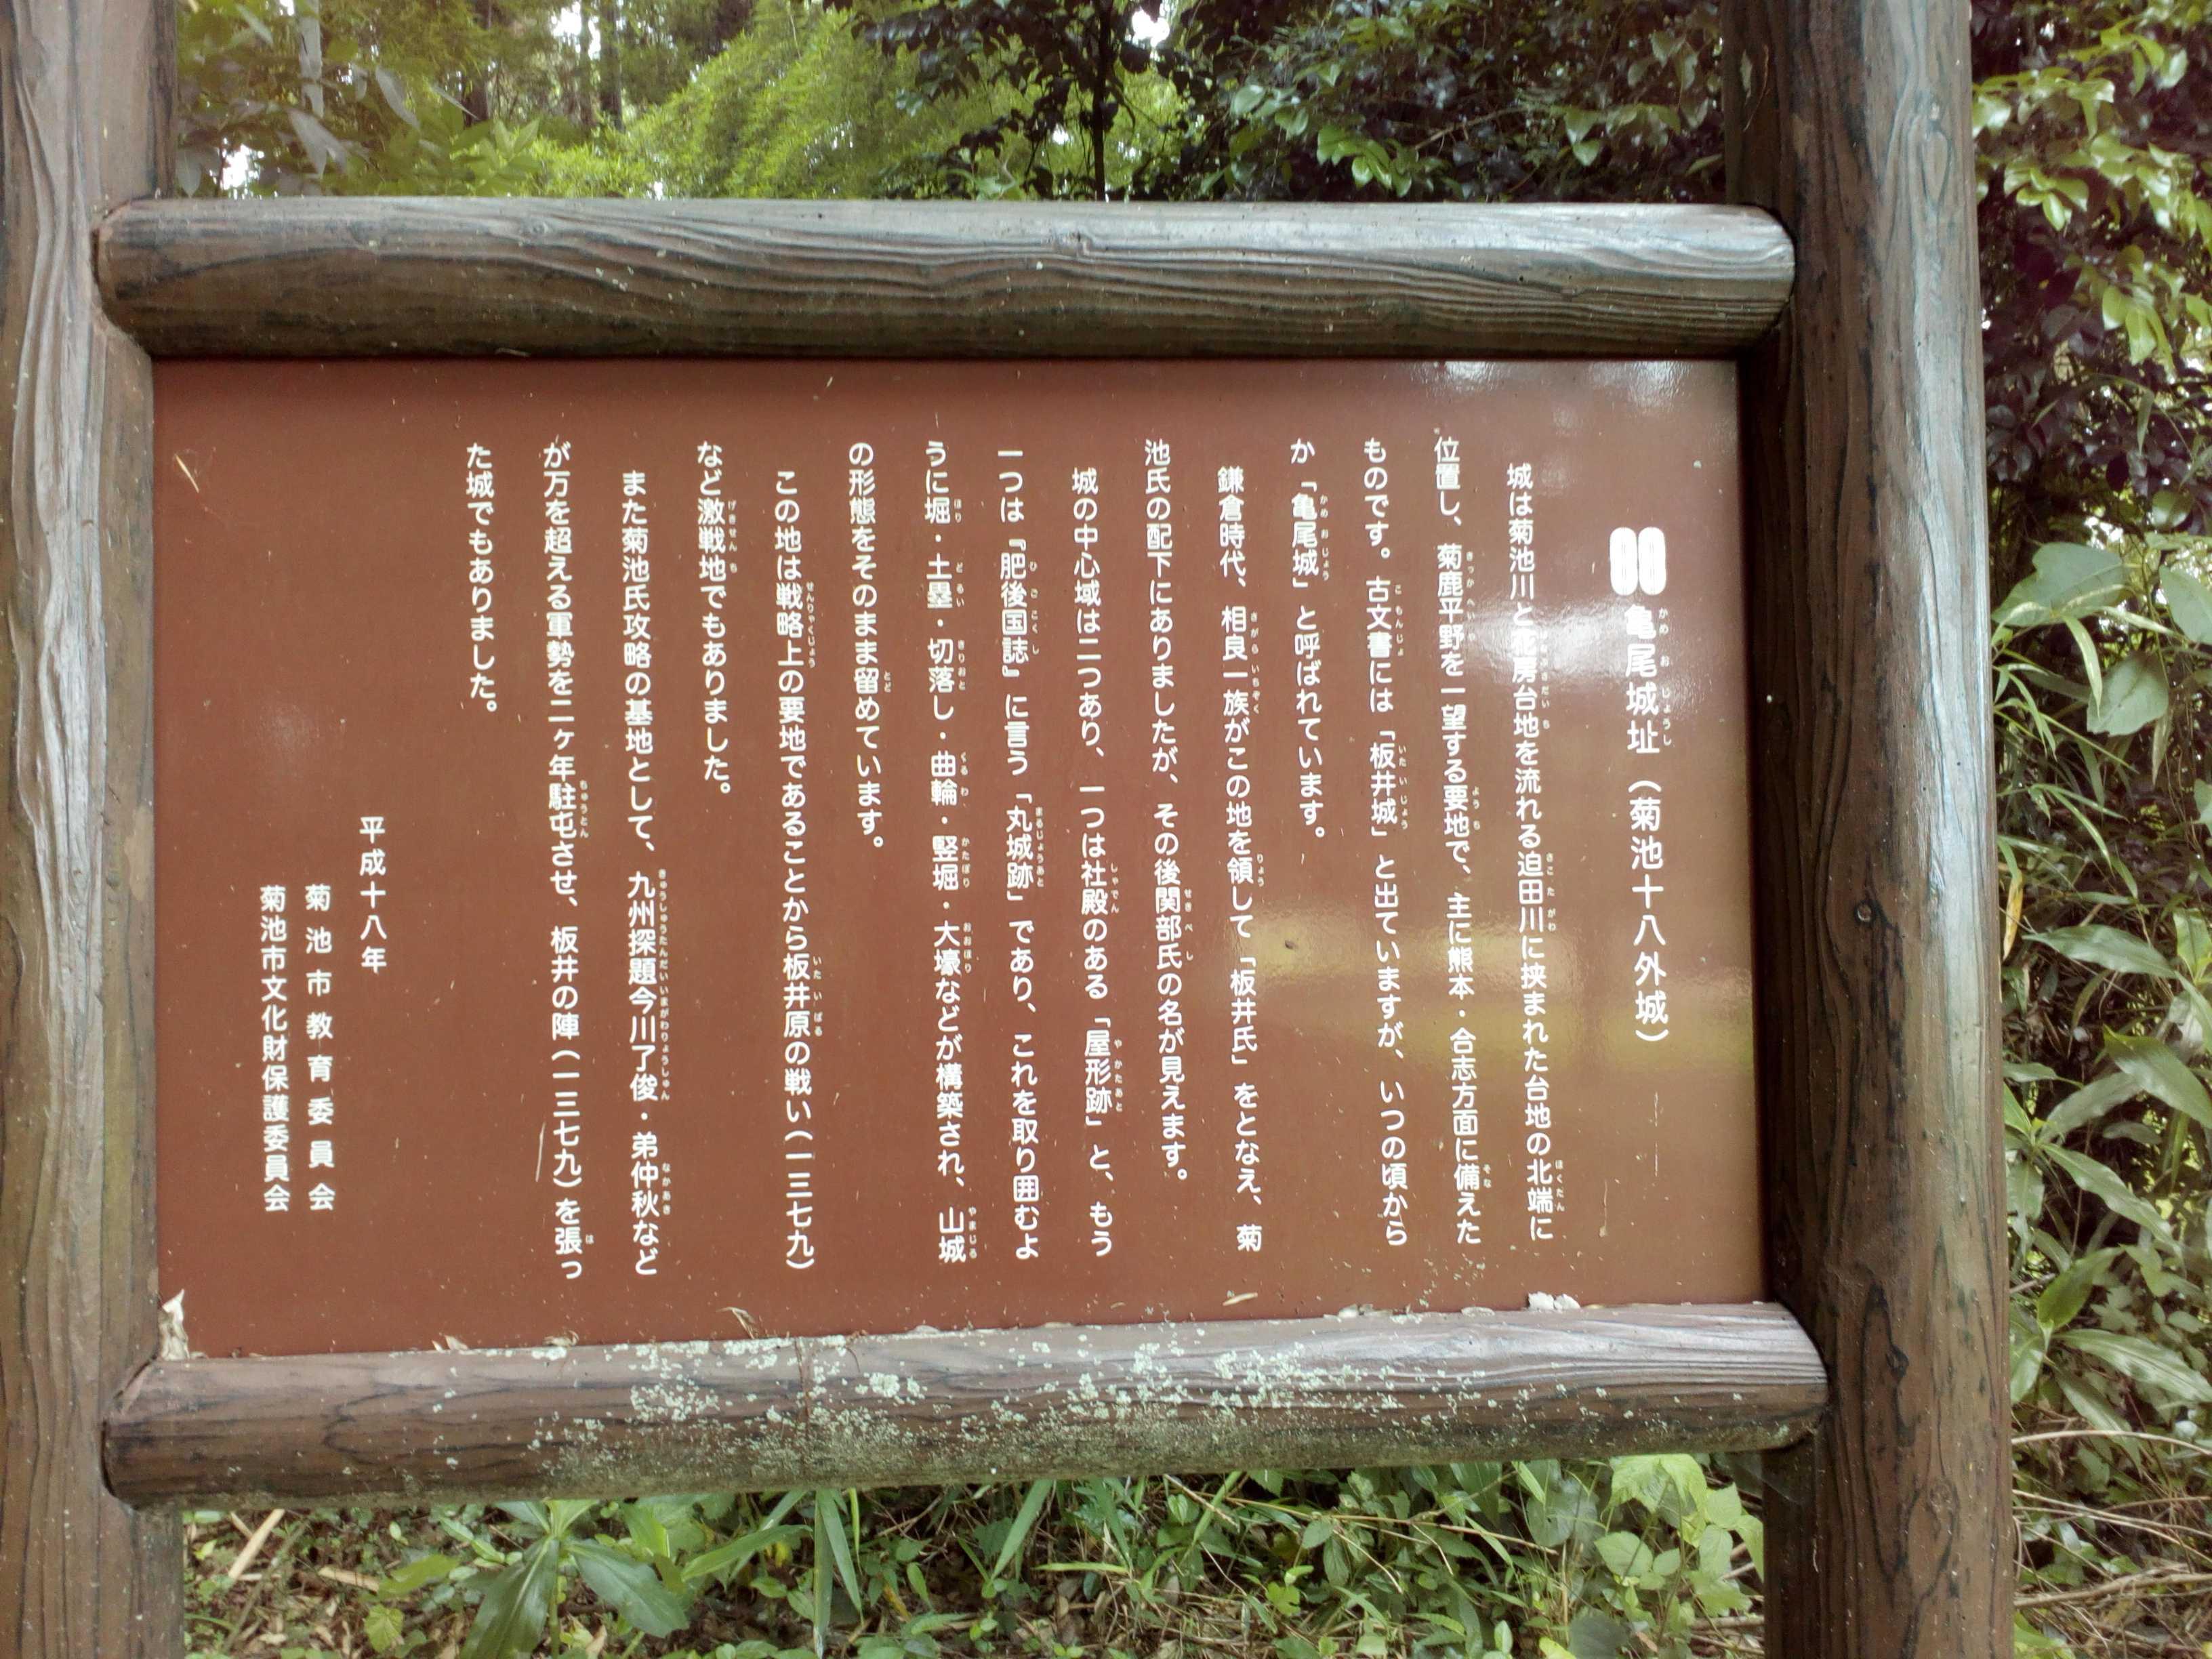 菊池外城の一つ、亀尾城に行って来ました - しべ桜の興味津々